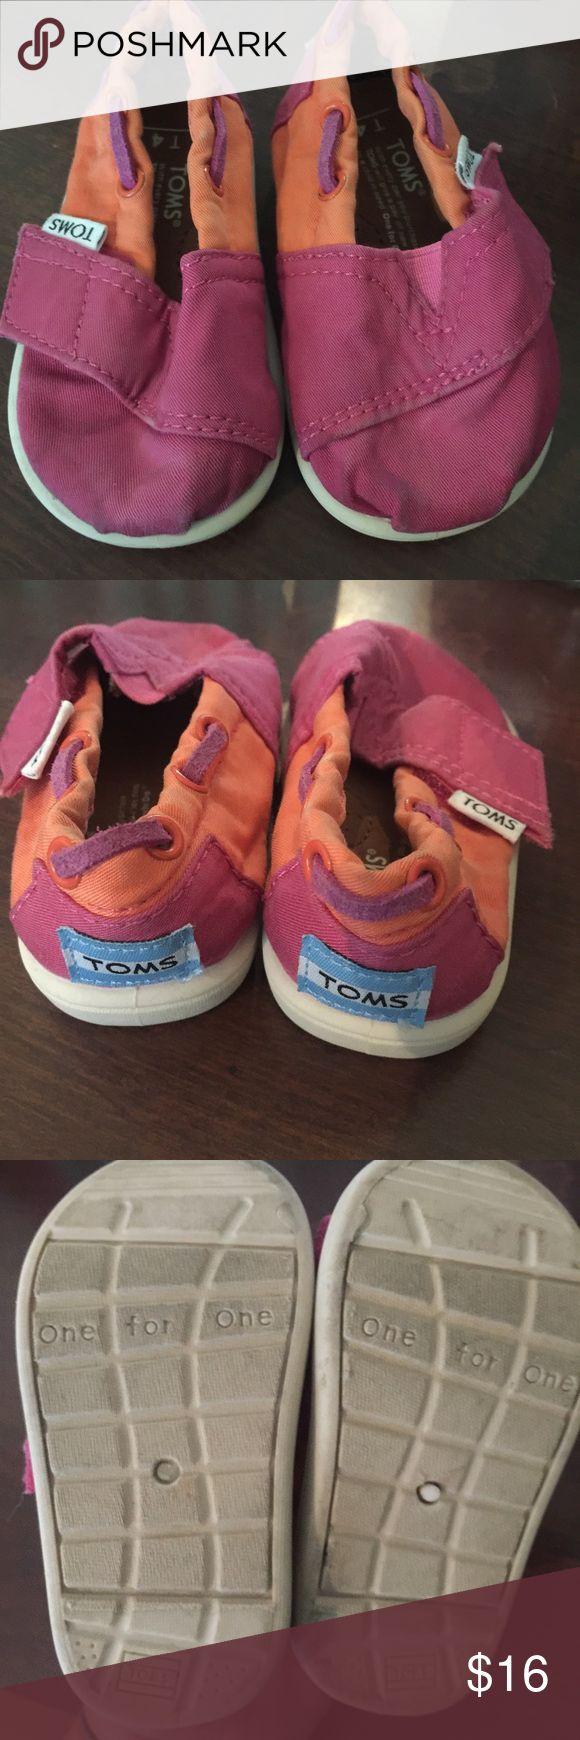 Kids Toms Cloth toms. Size 4. TOMS Shoes